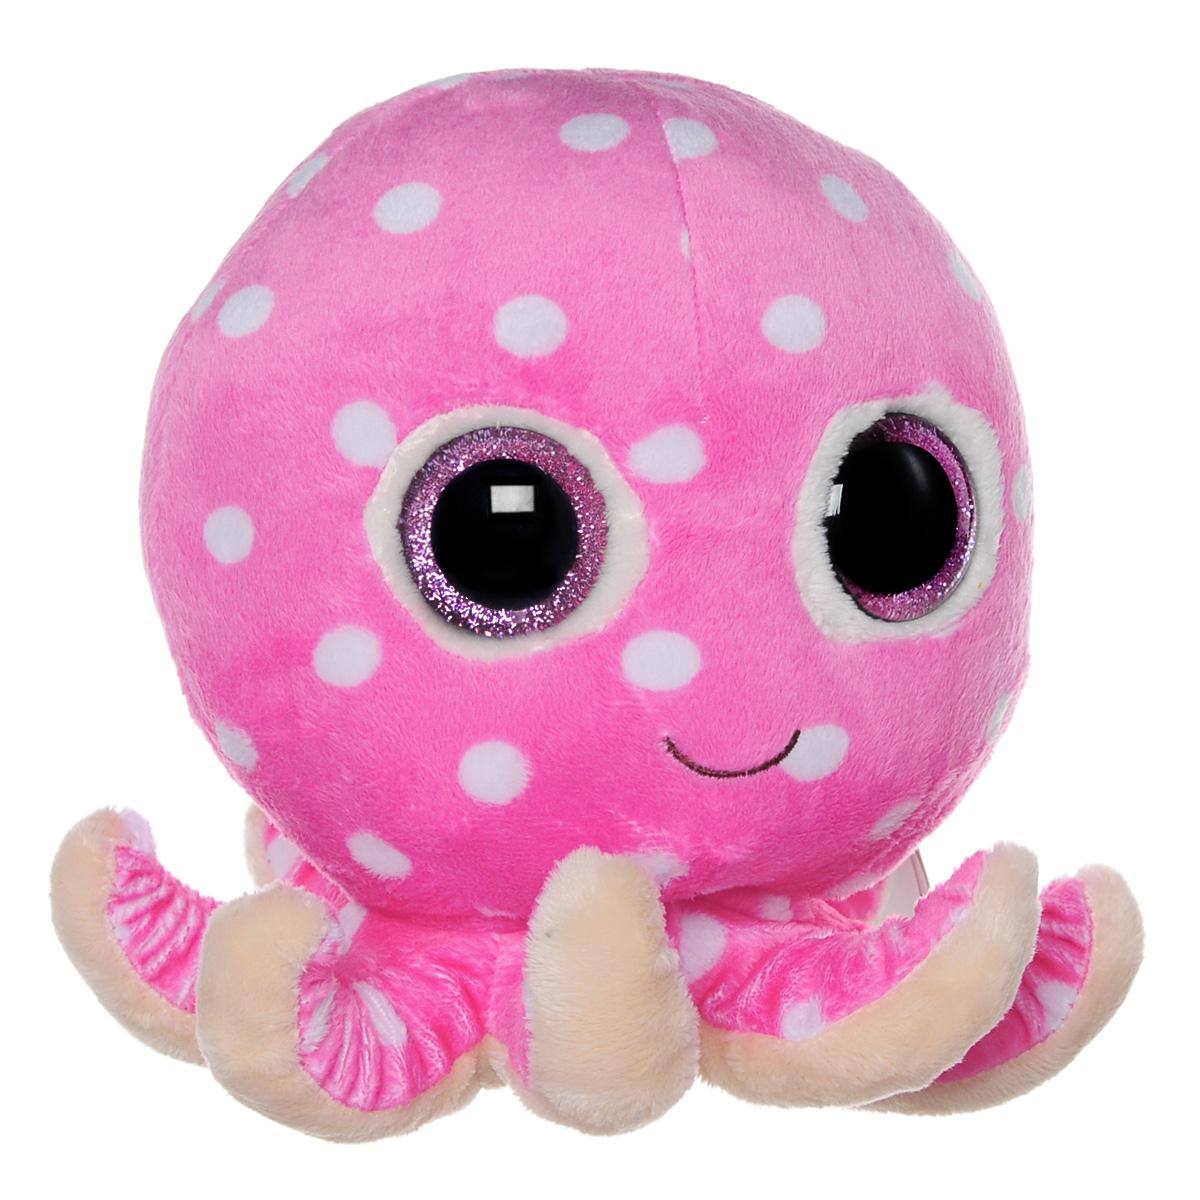 Мягкая игрушка Beanie Boos Осьминог Ollie, цвет: розовый, 22 см36983Очаровательная мягкая игрушка Beanie Boos Осьминог Ollie, выполненная в виде забавного осьминога, непременно вызовет улыбку и симпатию и у детей, и у взрослых. Трогательный осьминожек с выразительными блестящими глазками изготовлен из высококачественного мягкого текстильного материала с набивкой из синтепона. Как и все игрушки серии Beanie Boos, эта игрушка изготовлена вручную, с любовью и вниманием к деталям. Удобный небольшой размер осьминожки позволит брать его с собой на прогулку, и малышу не придется расставаться со своим новым другом. Удивительно мягкая игрушка принесет радость и подарит своему обладателю мгновения нежных объятий и приятных воспоминаний. Специальные гранулы, используемые при ее набивке, способствуют развитию мелкой моторики рук малыша. Великолепное качество исполнения делают эту игрушку чудесным подарком к любому празднику.